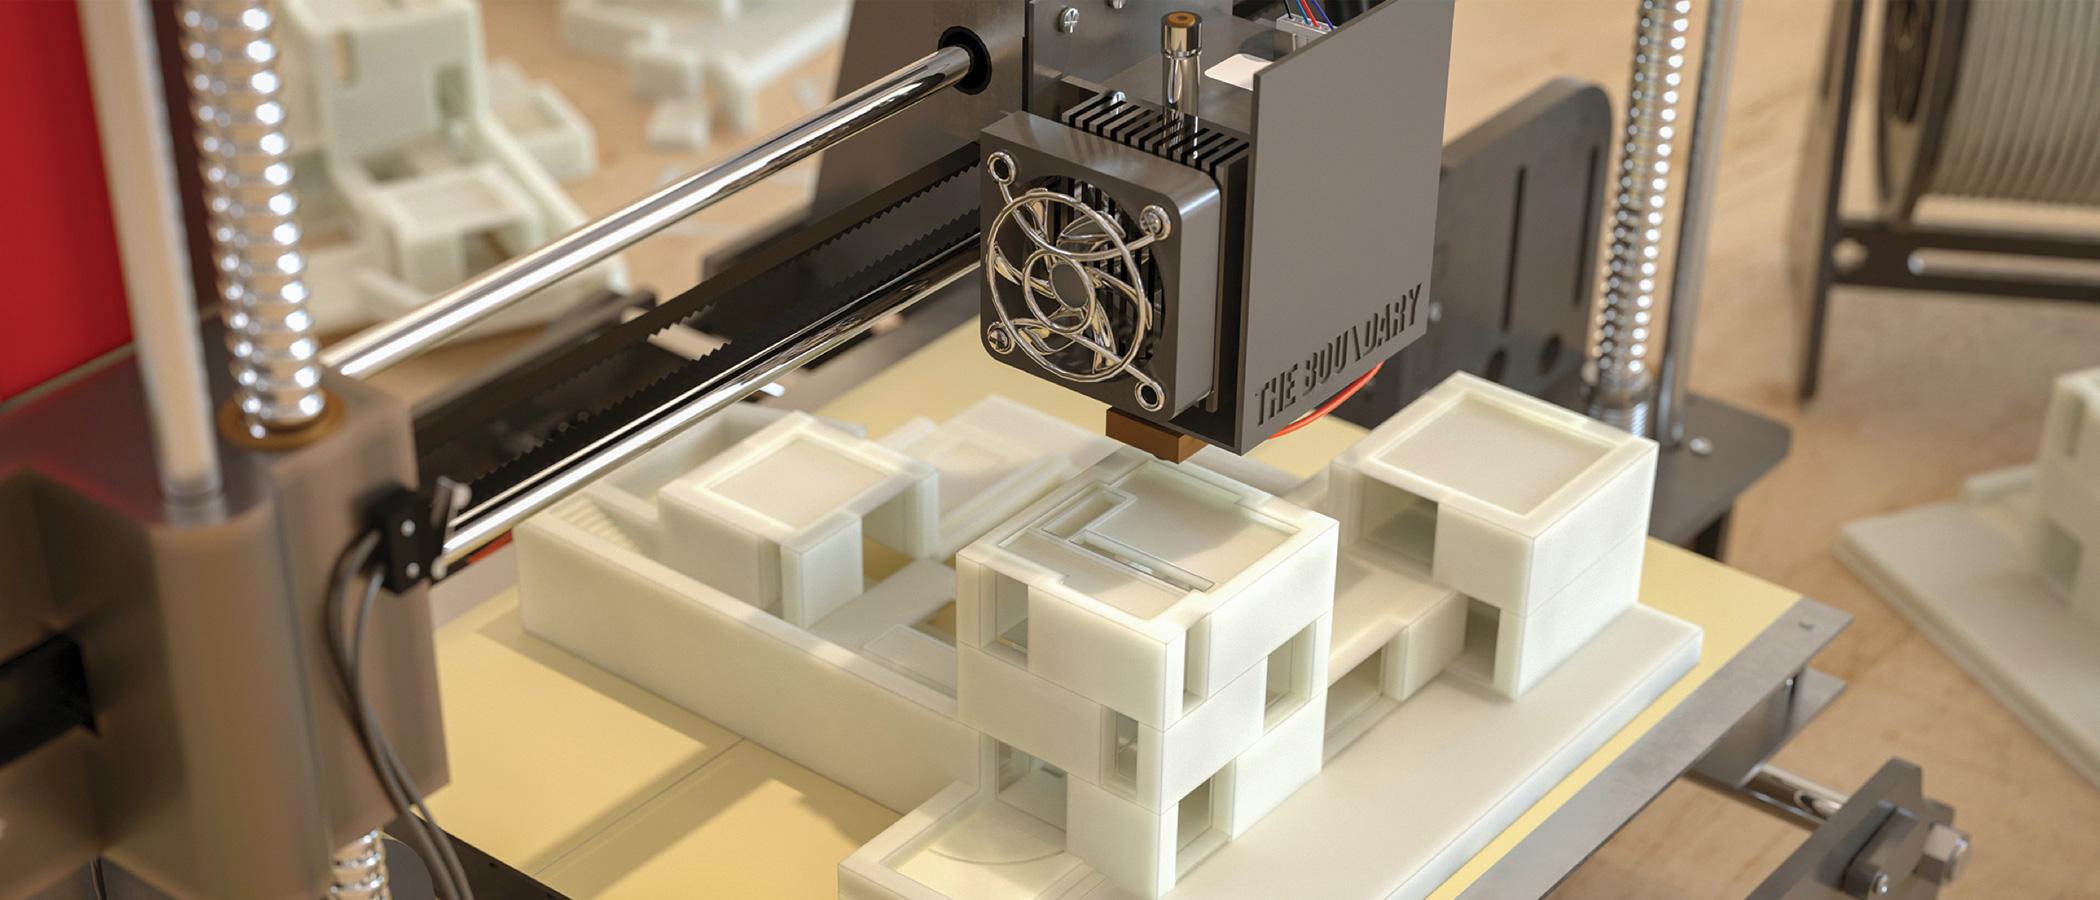 Oprogramowanie do drukowania 3D | Drukuj w 3D ze SketchUp